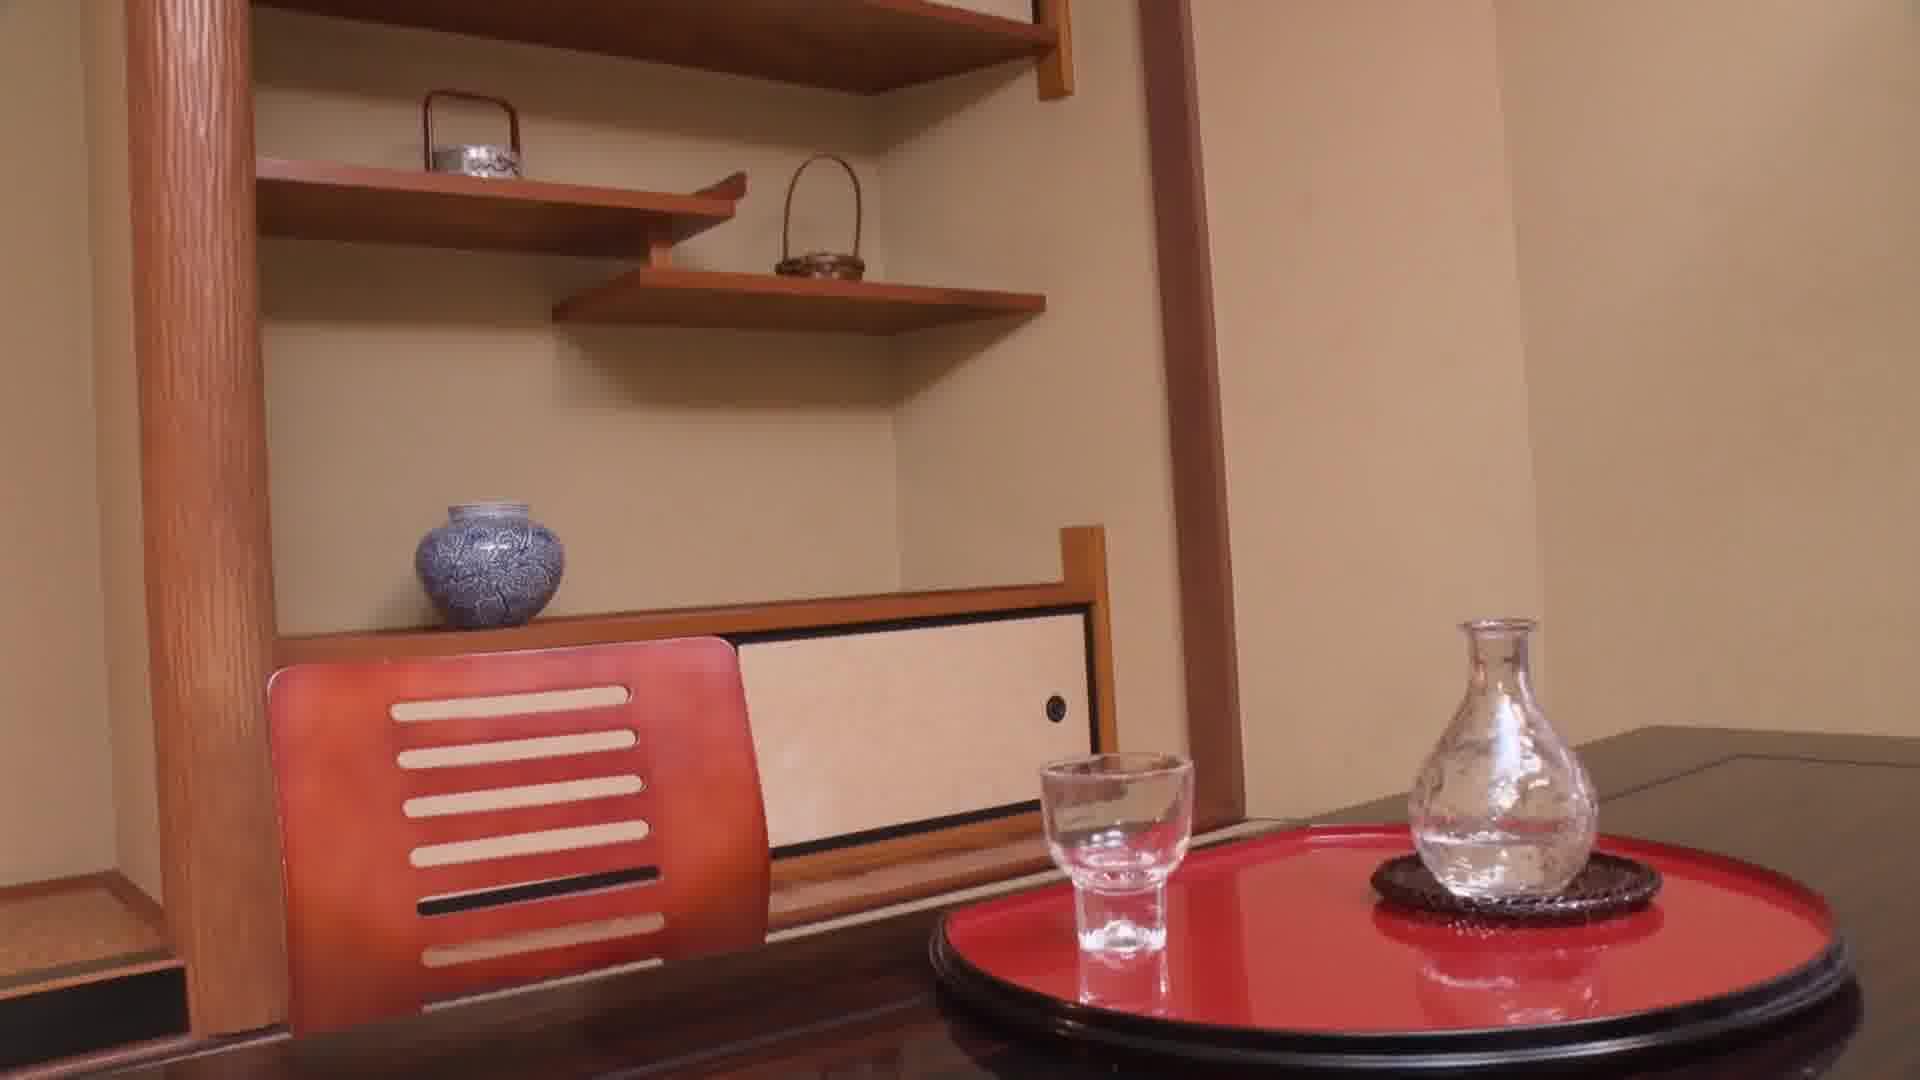 洗練された大人のいやし亭 ~満面の笑みとパックリパイパンマンコでご奉仕いたします~ - 吉岡蓮美【パイパン・スレンダー・浴衣】